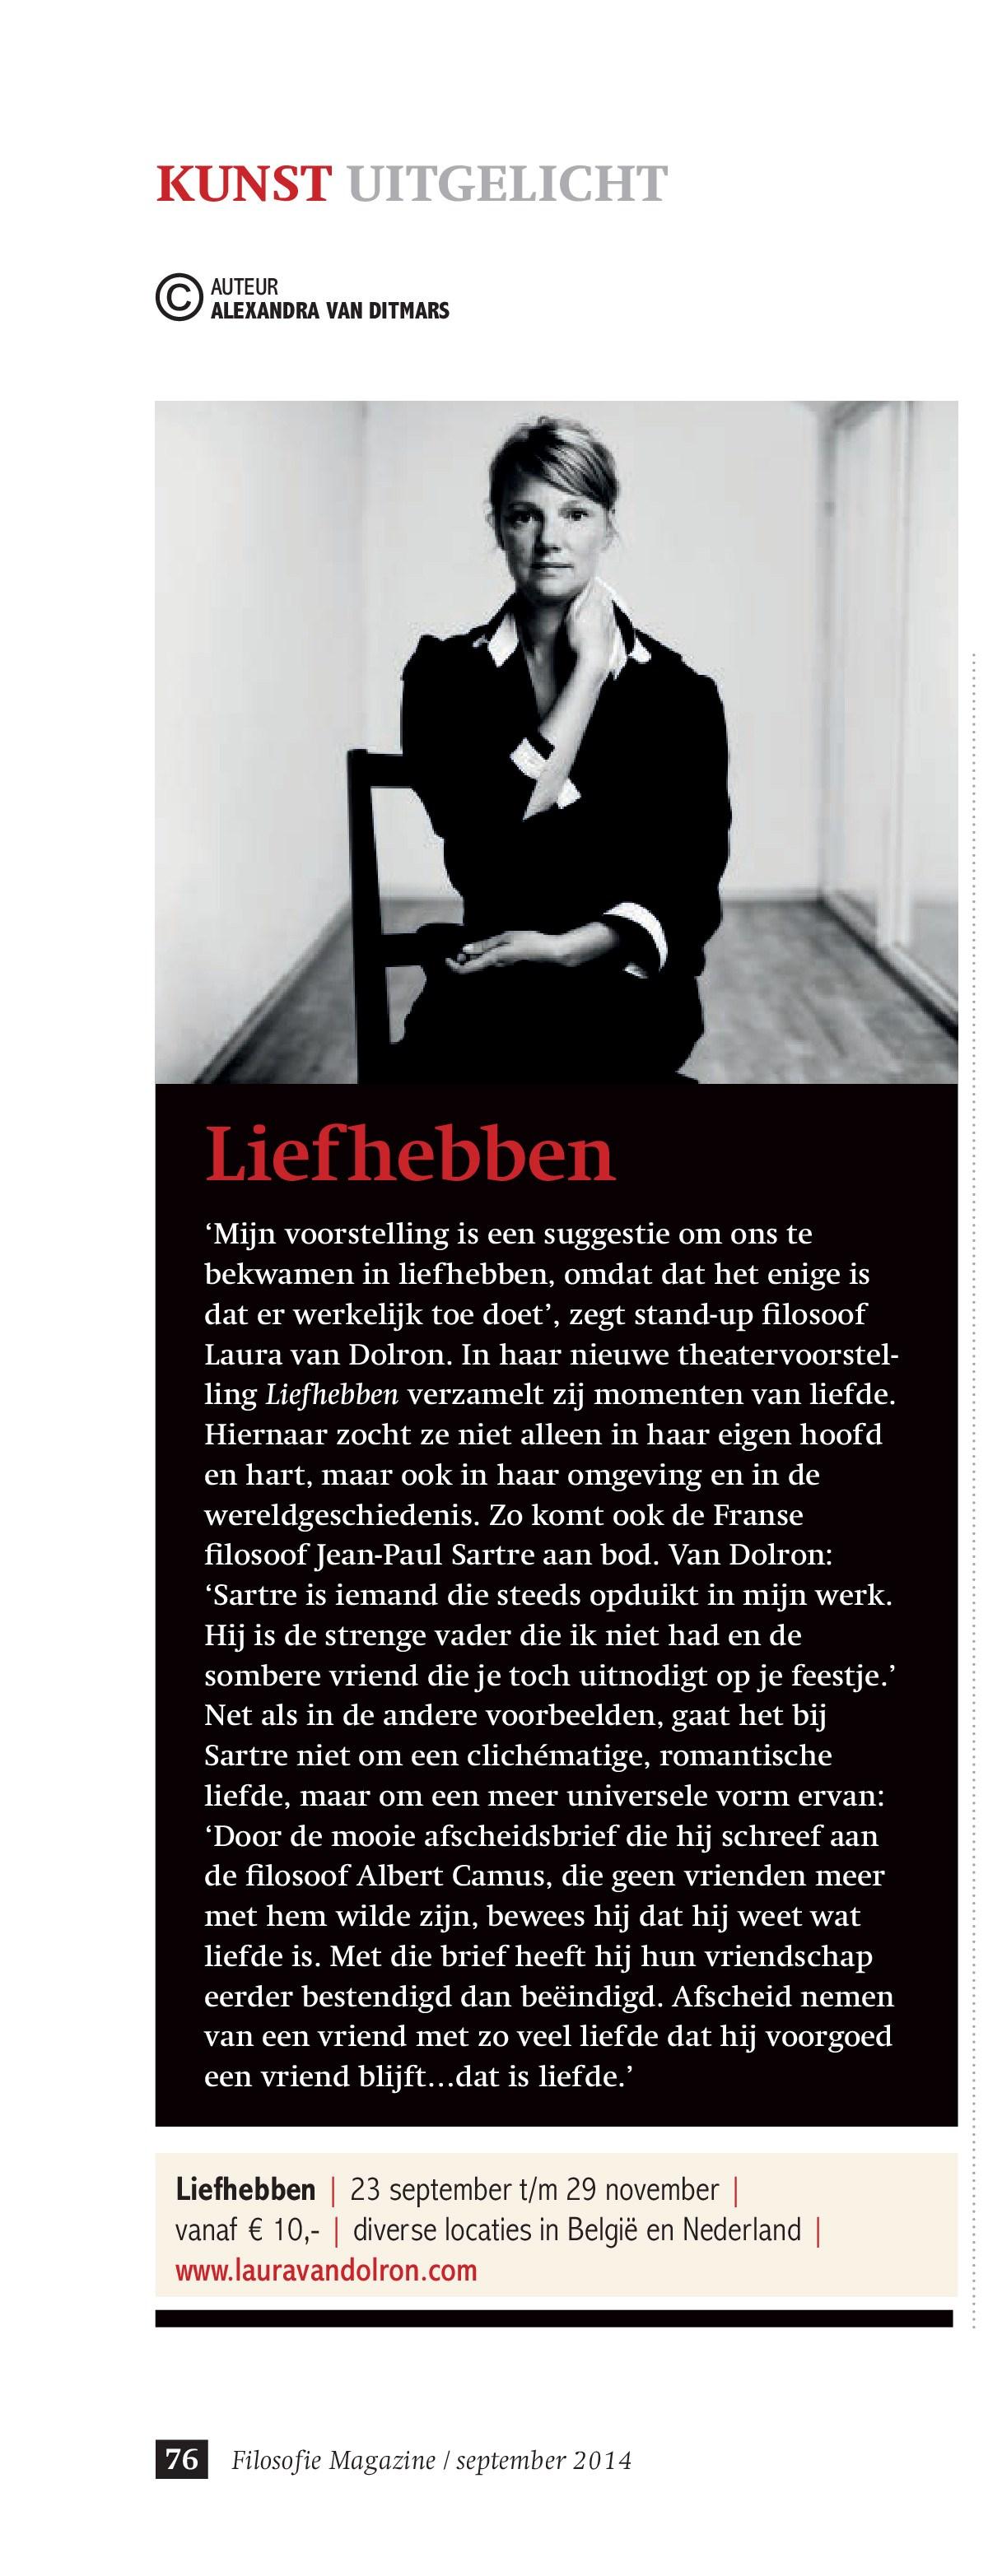 Liefhebben in Filosofie Magazine